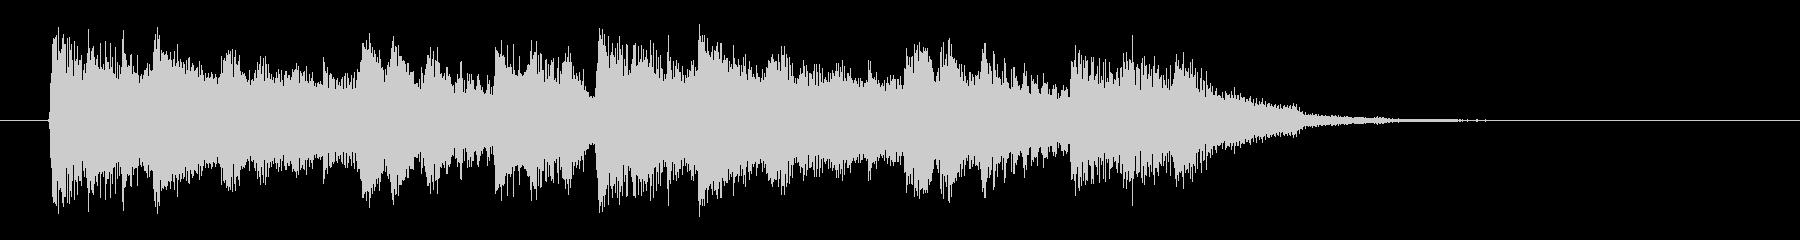 和音が連続する短い効果音の未再生の波形